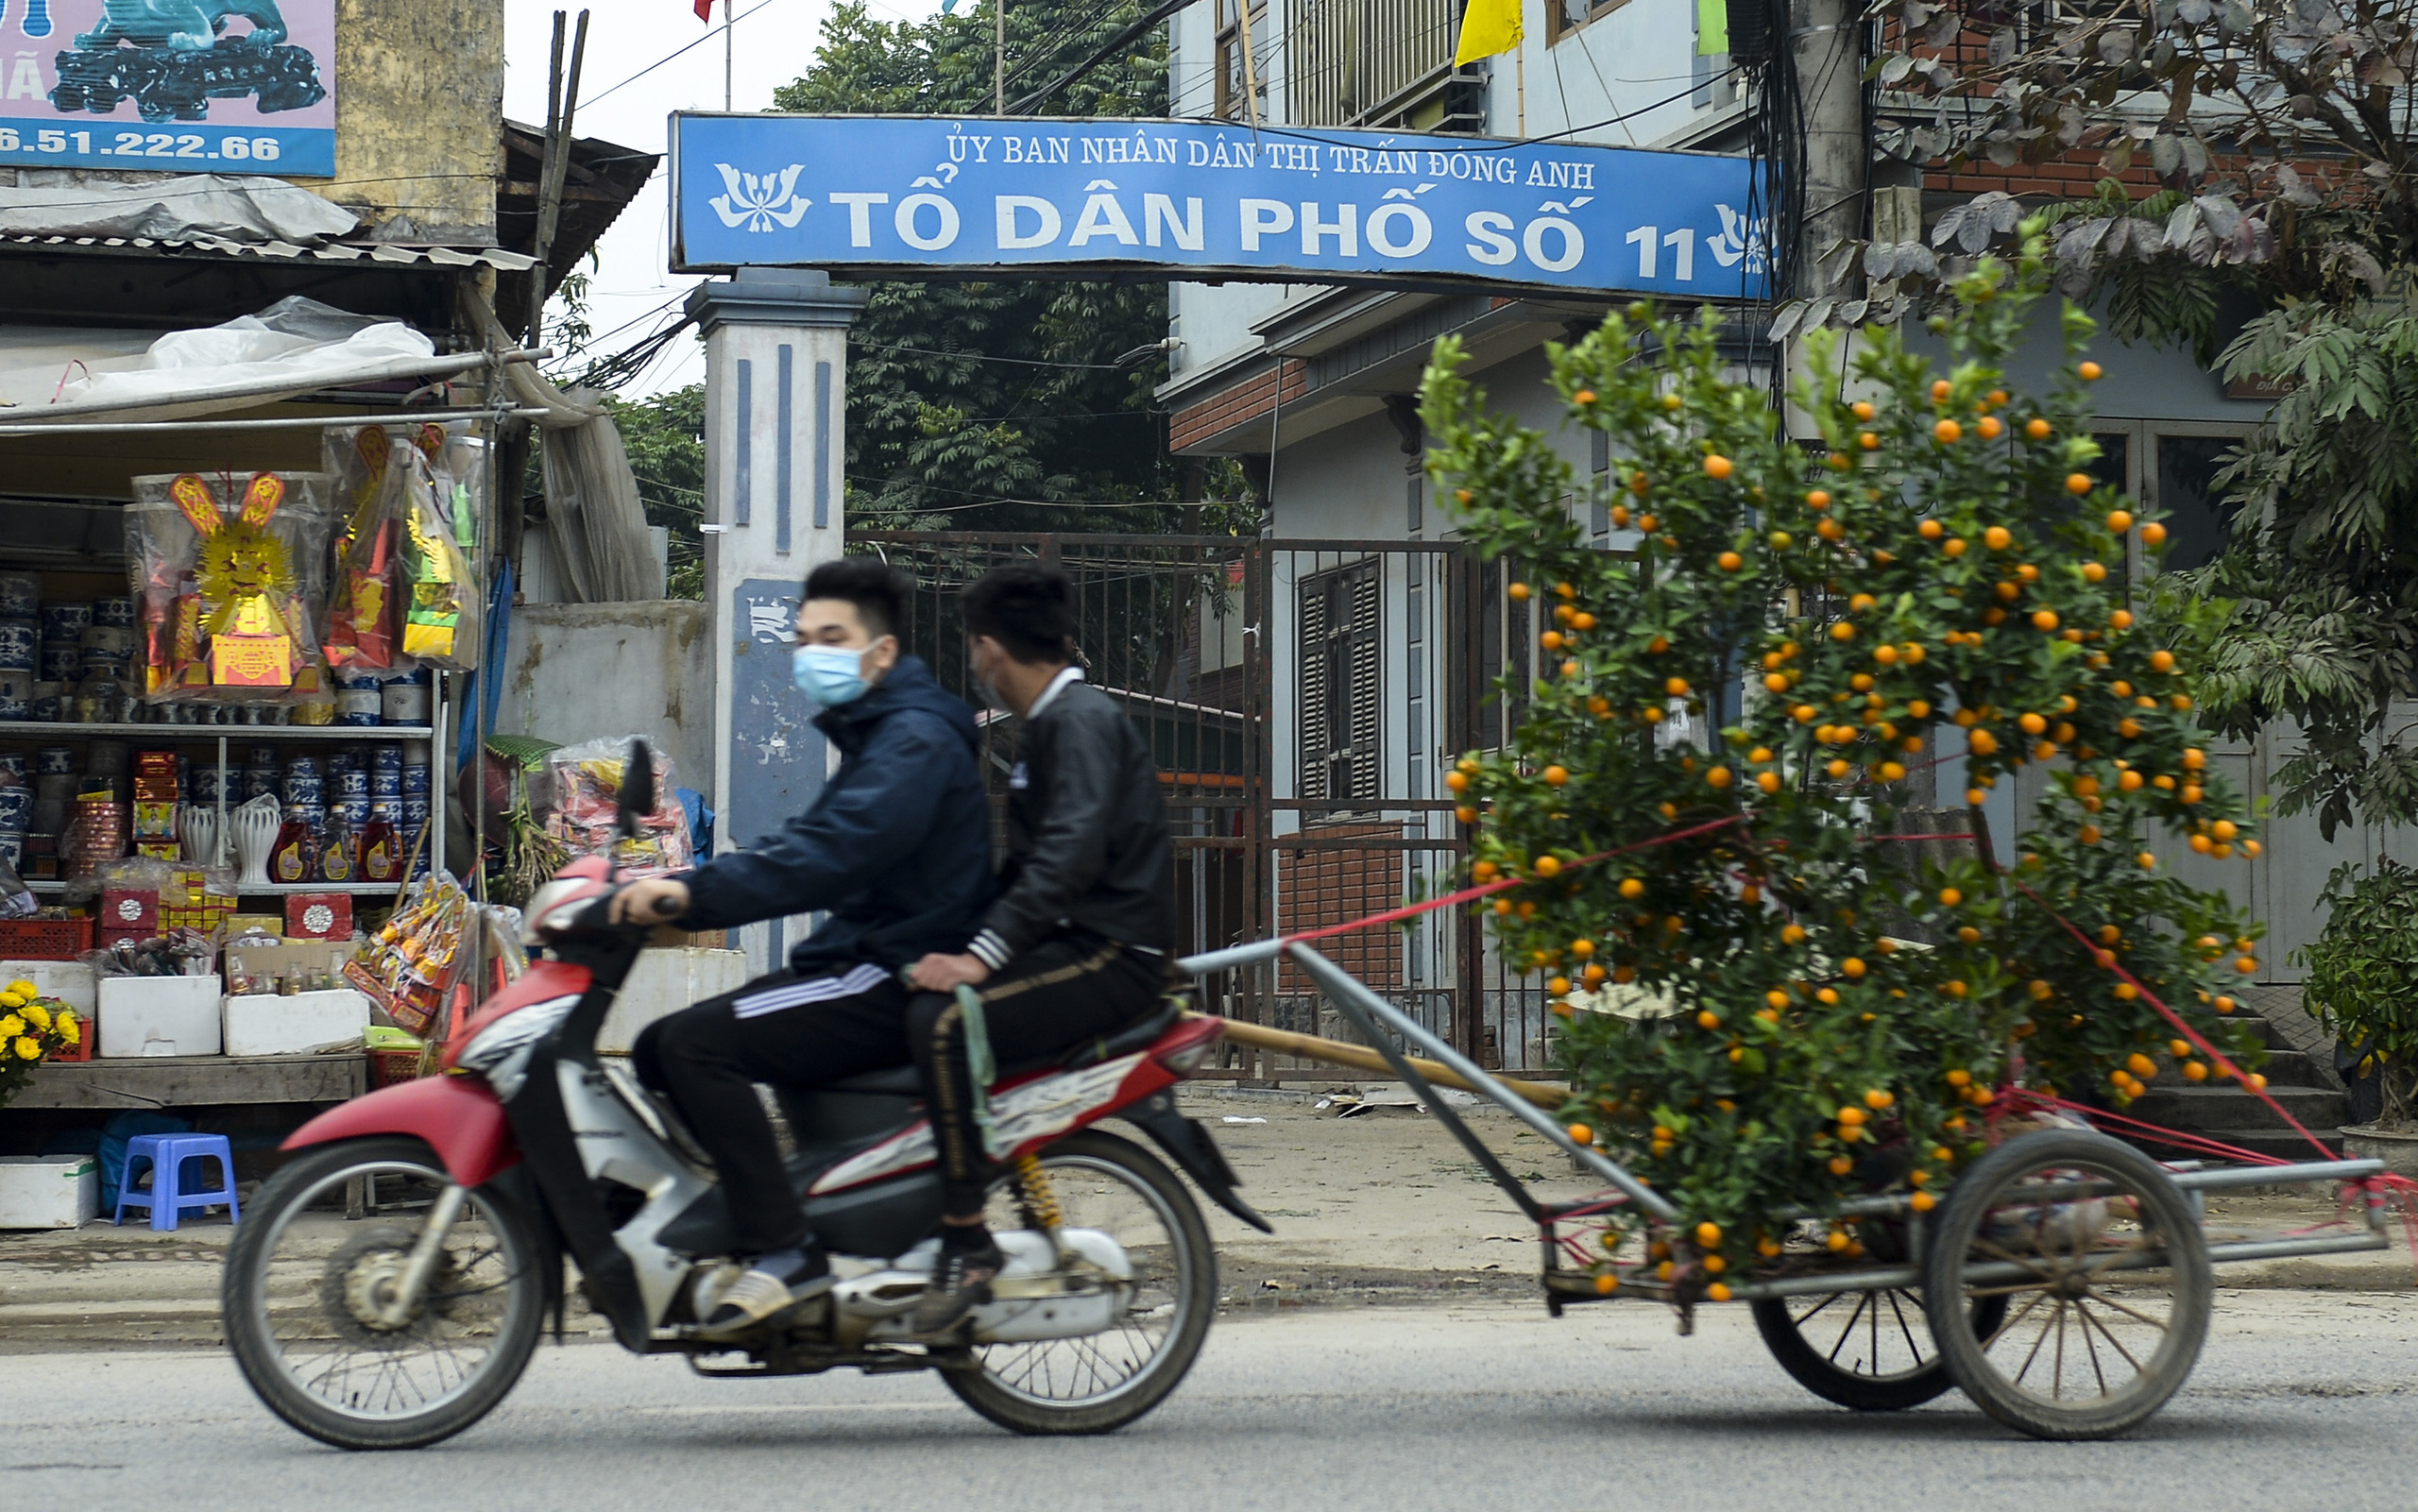 Hà Nội: Một gia đình dùng xe bán tải tiếp tế đồ cho người thân đang bị cách ly ở Đông Anh - Ảnh 1.